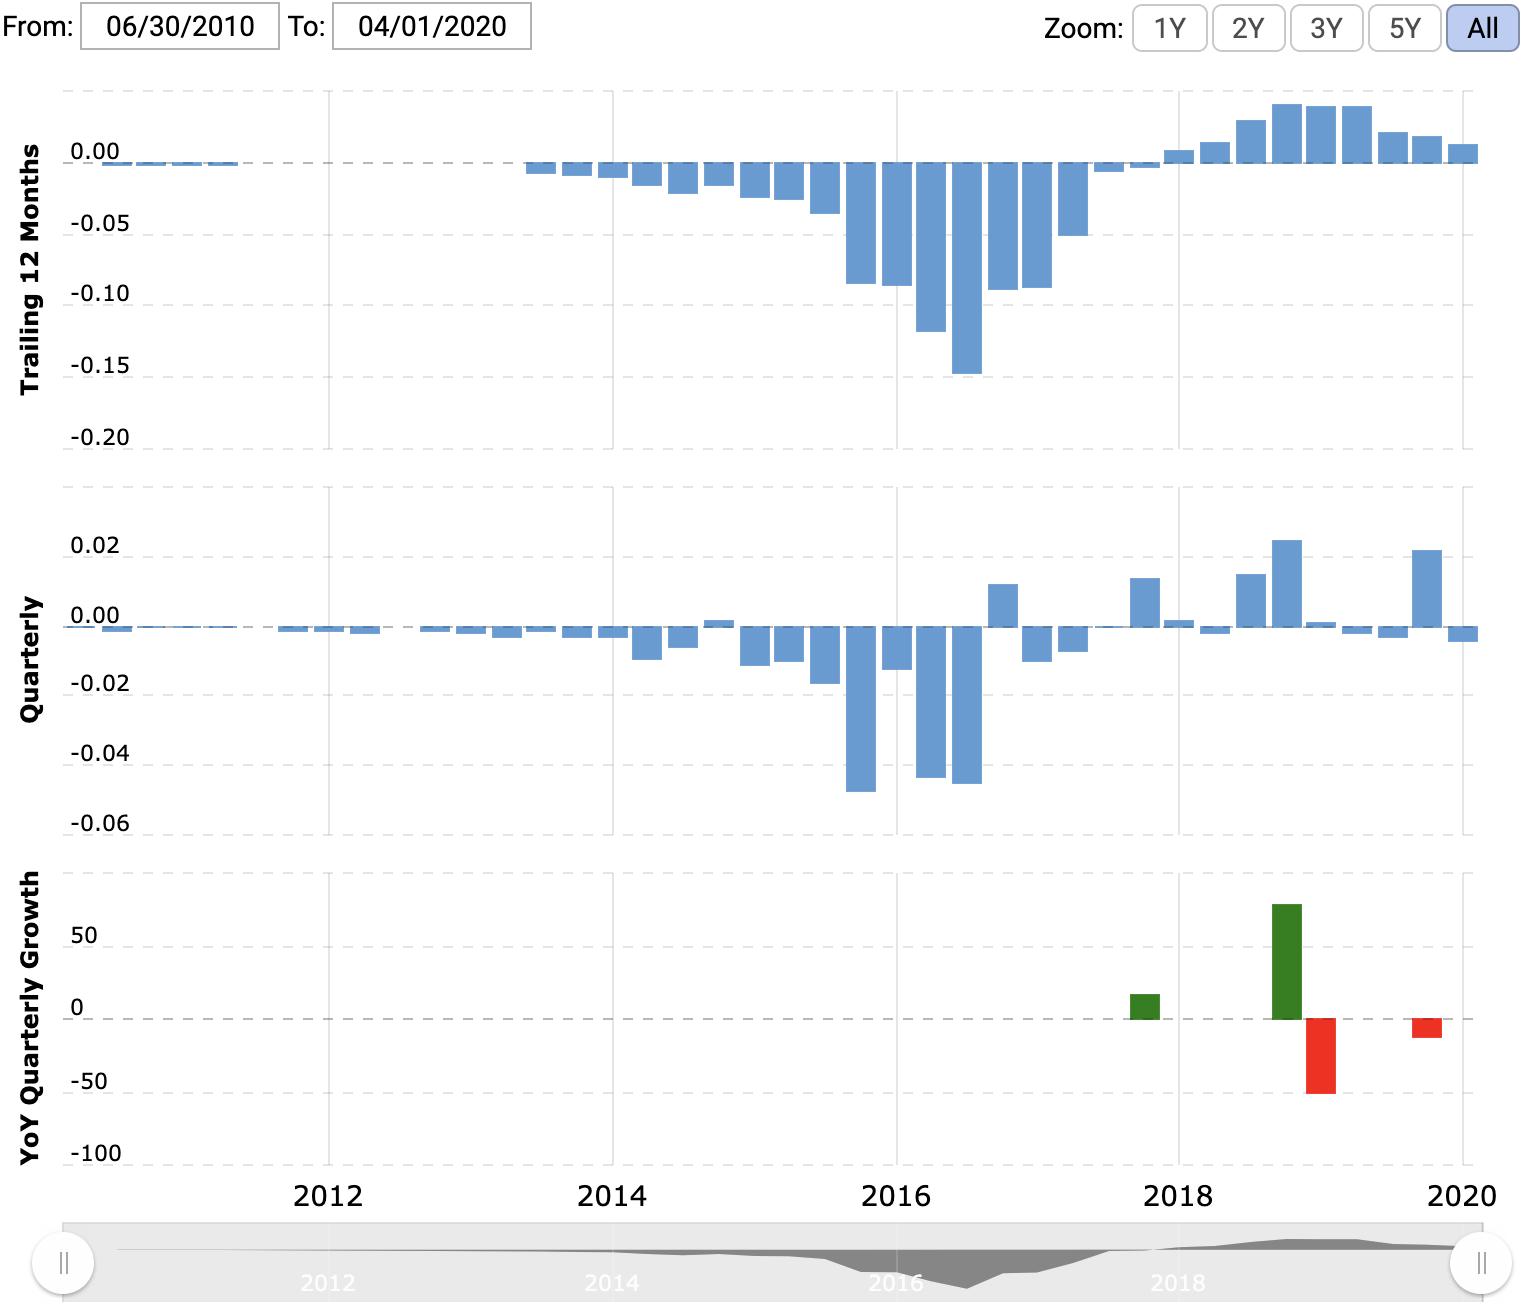 Прибыль компании в течение последних 12 месяцев и поквартально в миллиардах долларов, квартальный рост в процентах по сравнению с аналогичным кварталом прошлого года. Источник: Macrotrends